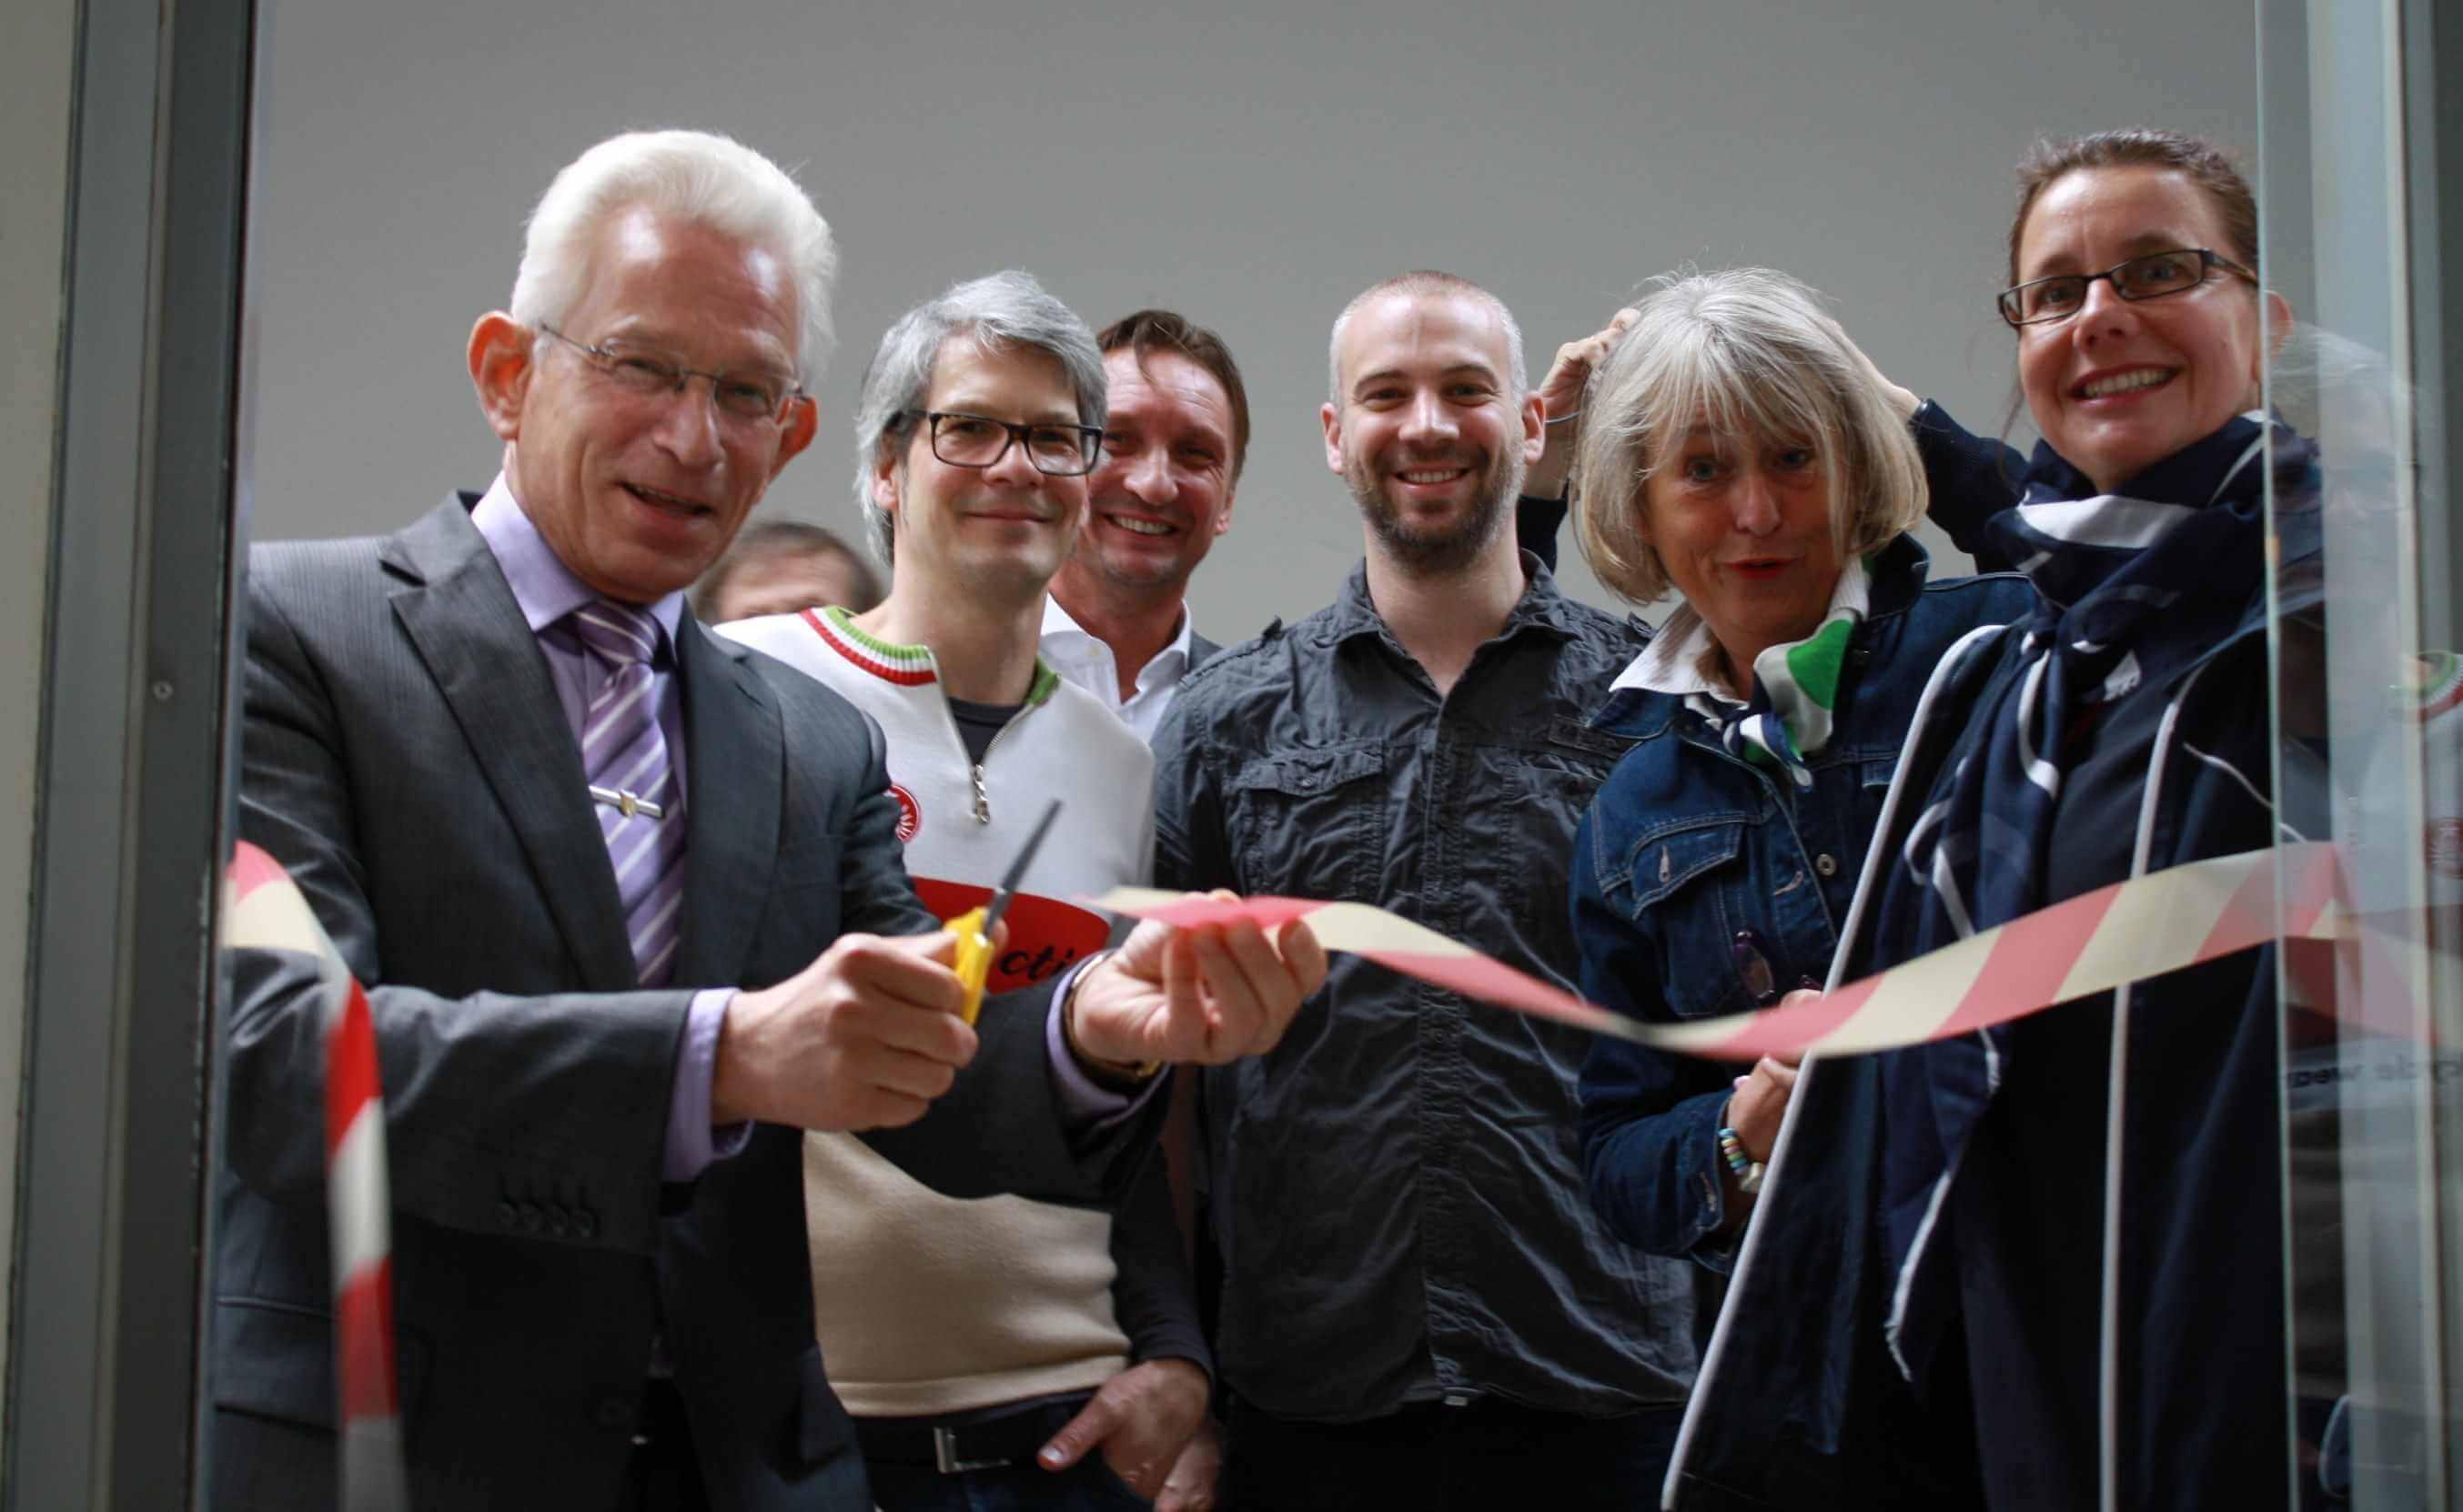 Neues Leben in der Ladenstraße: Zukunftskiez Onkel Tom feierte Neueröffnung von fünf Läden